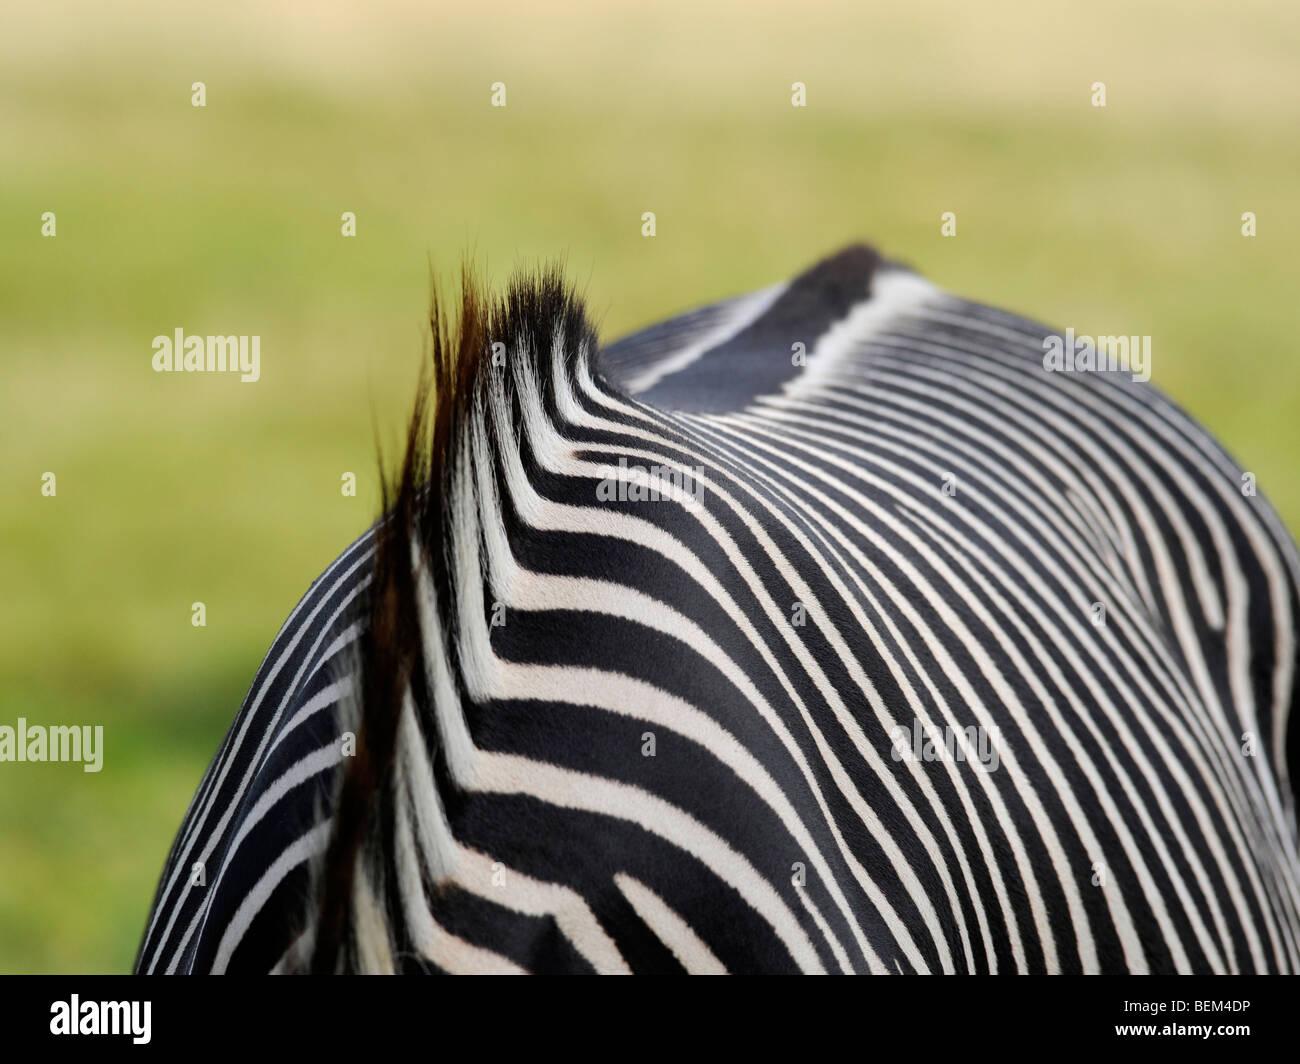 El escudo de una cebra con una melena de rayas. Imagen De Stock